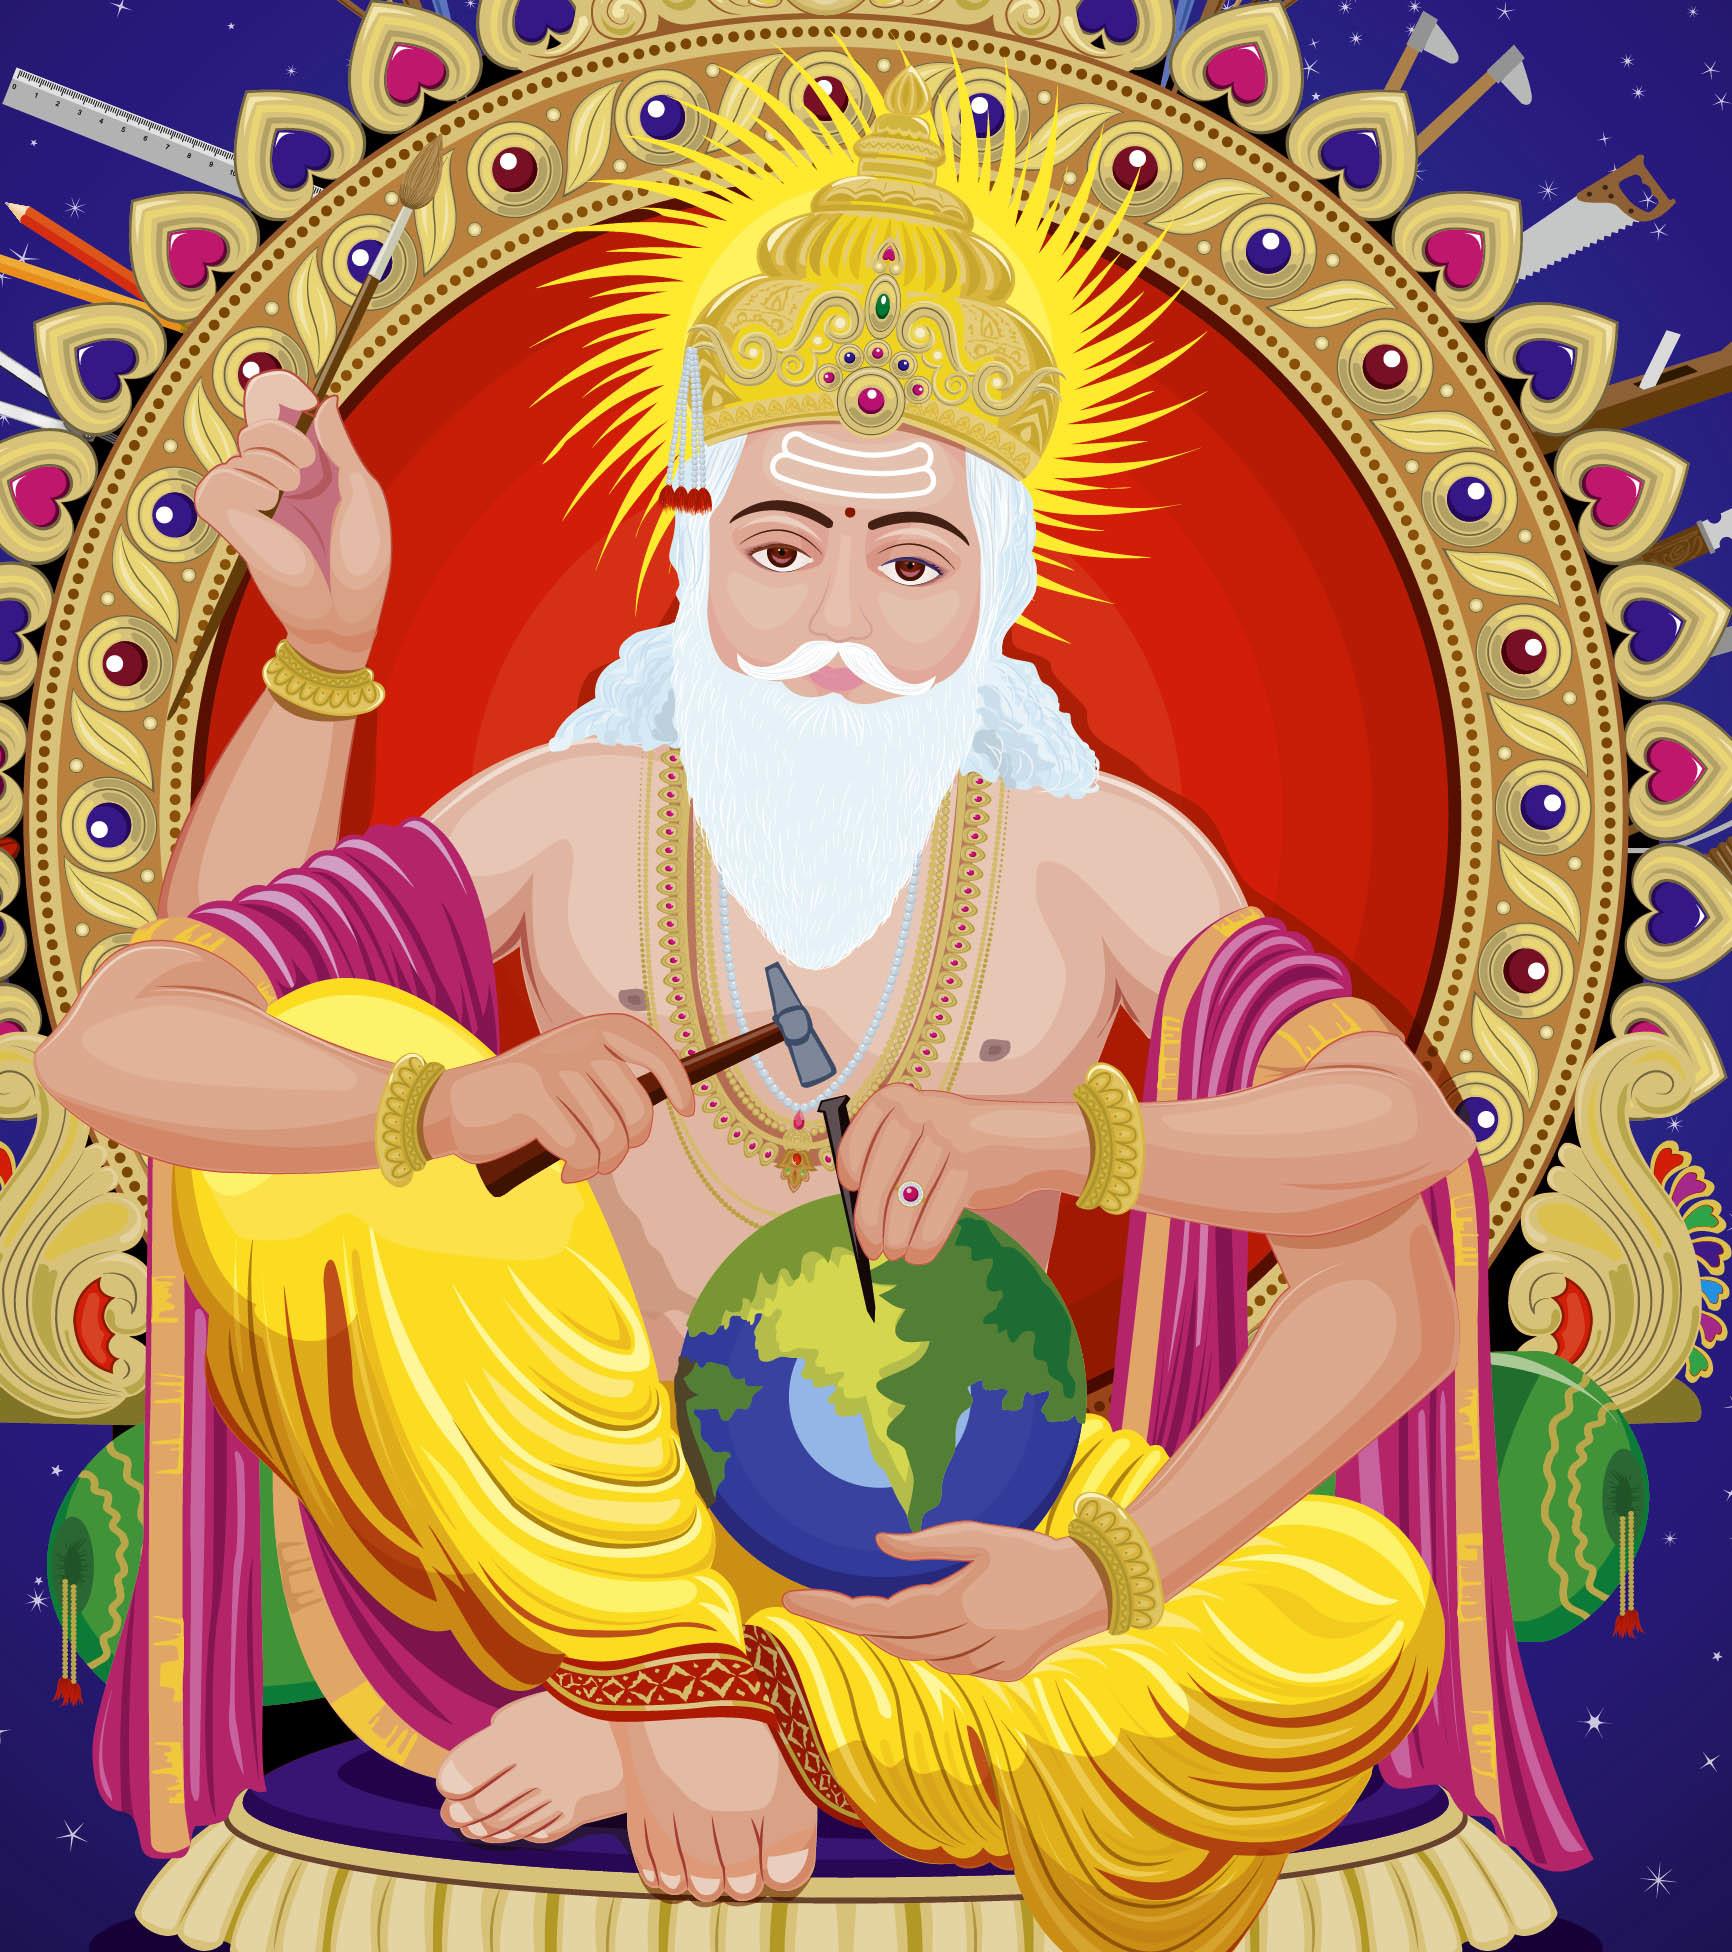 Rajesh sawant vishwakarma big